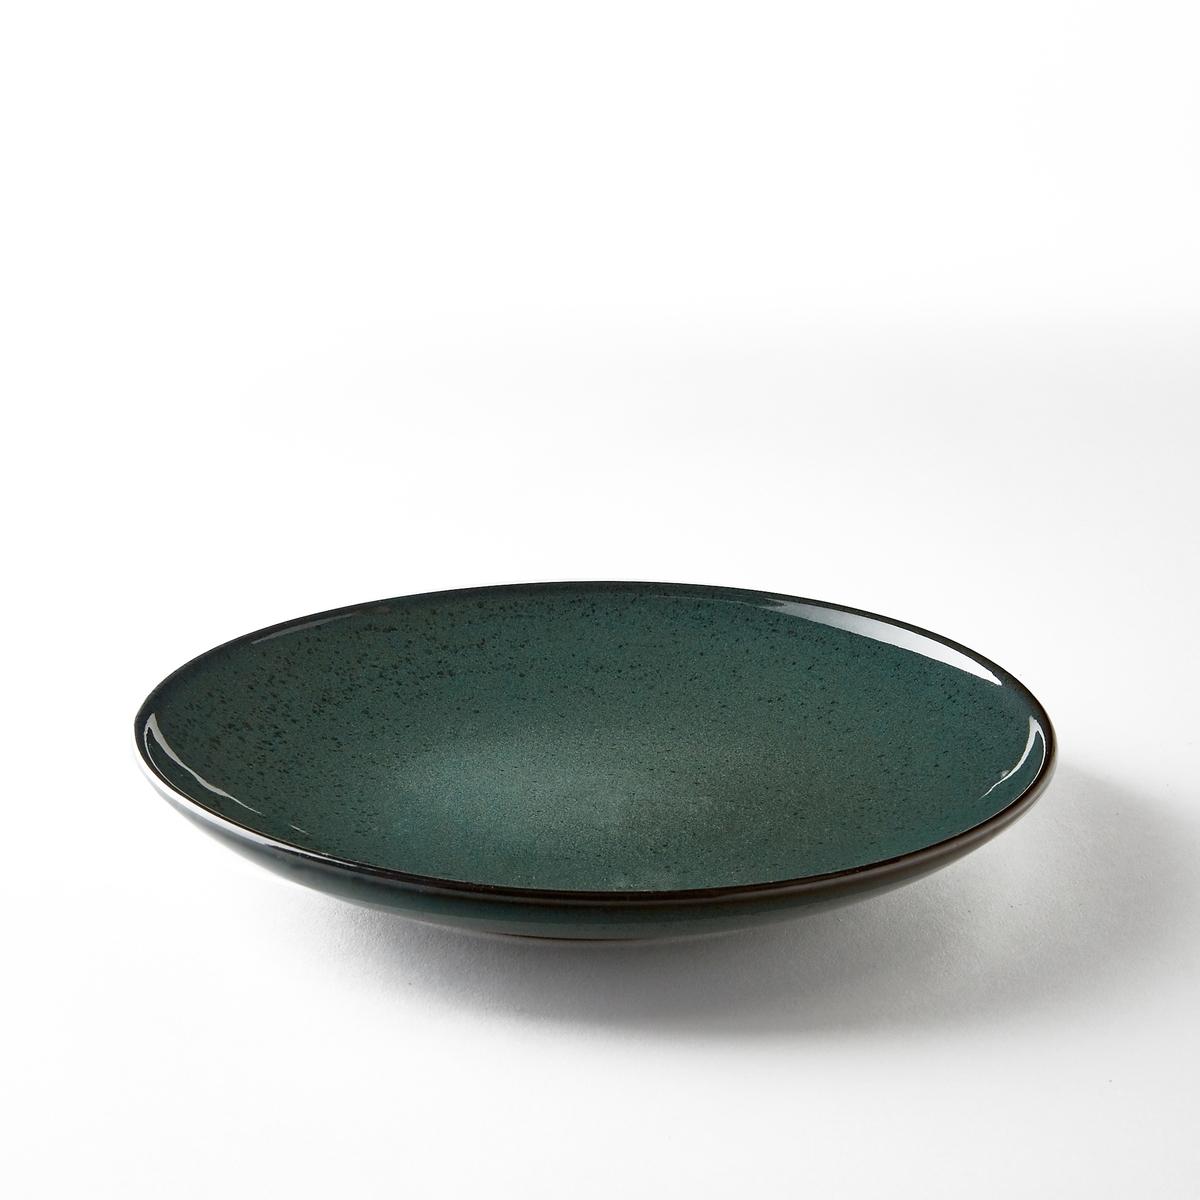 Тарелка мелкая из керамики, диаметр 28,5 см, Aqua от SeraxХарактеристики :- Из керамики, покрытой глазурью. - Можно использовать в посудомоечных машинах и микроволновых печах- Вся коллекция Aqua на сайте ampm.ru Размеры  : - диаметр 28,5 x высота 4,5 см.<br><br>Цвет: бирюзовый,синий<br>Размер: единый размер.единый размер